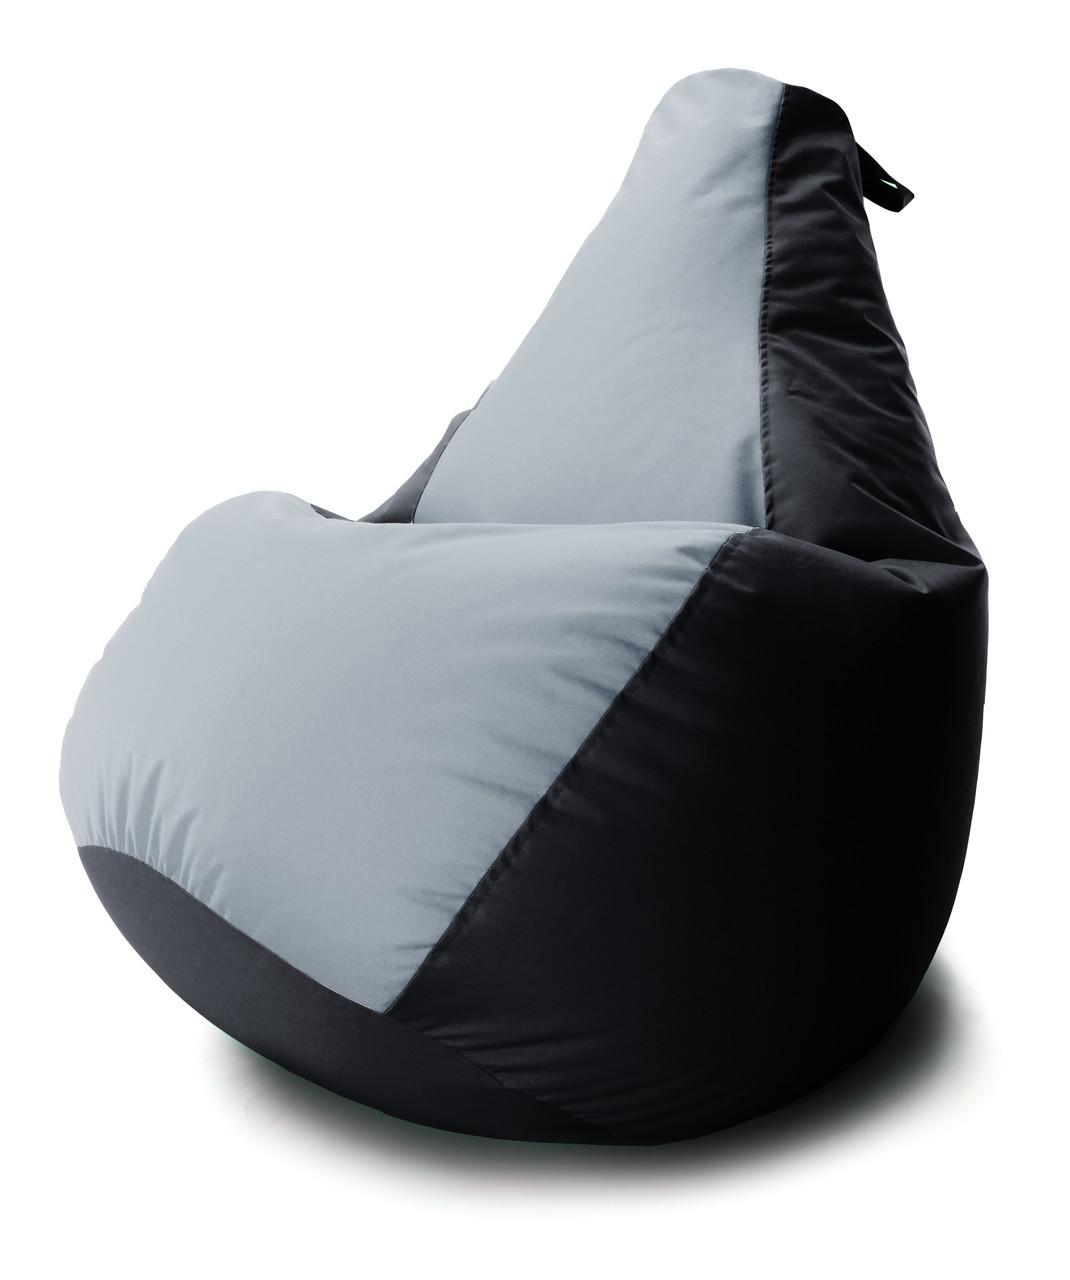 Величезне Крісло-мішок груша Комбі. Оксфорд 100*140 див. З додатковим чохлом